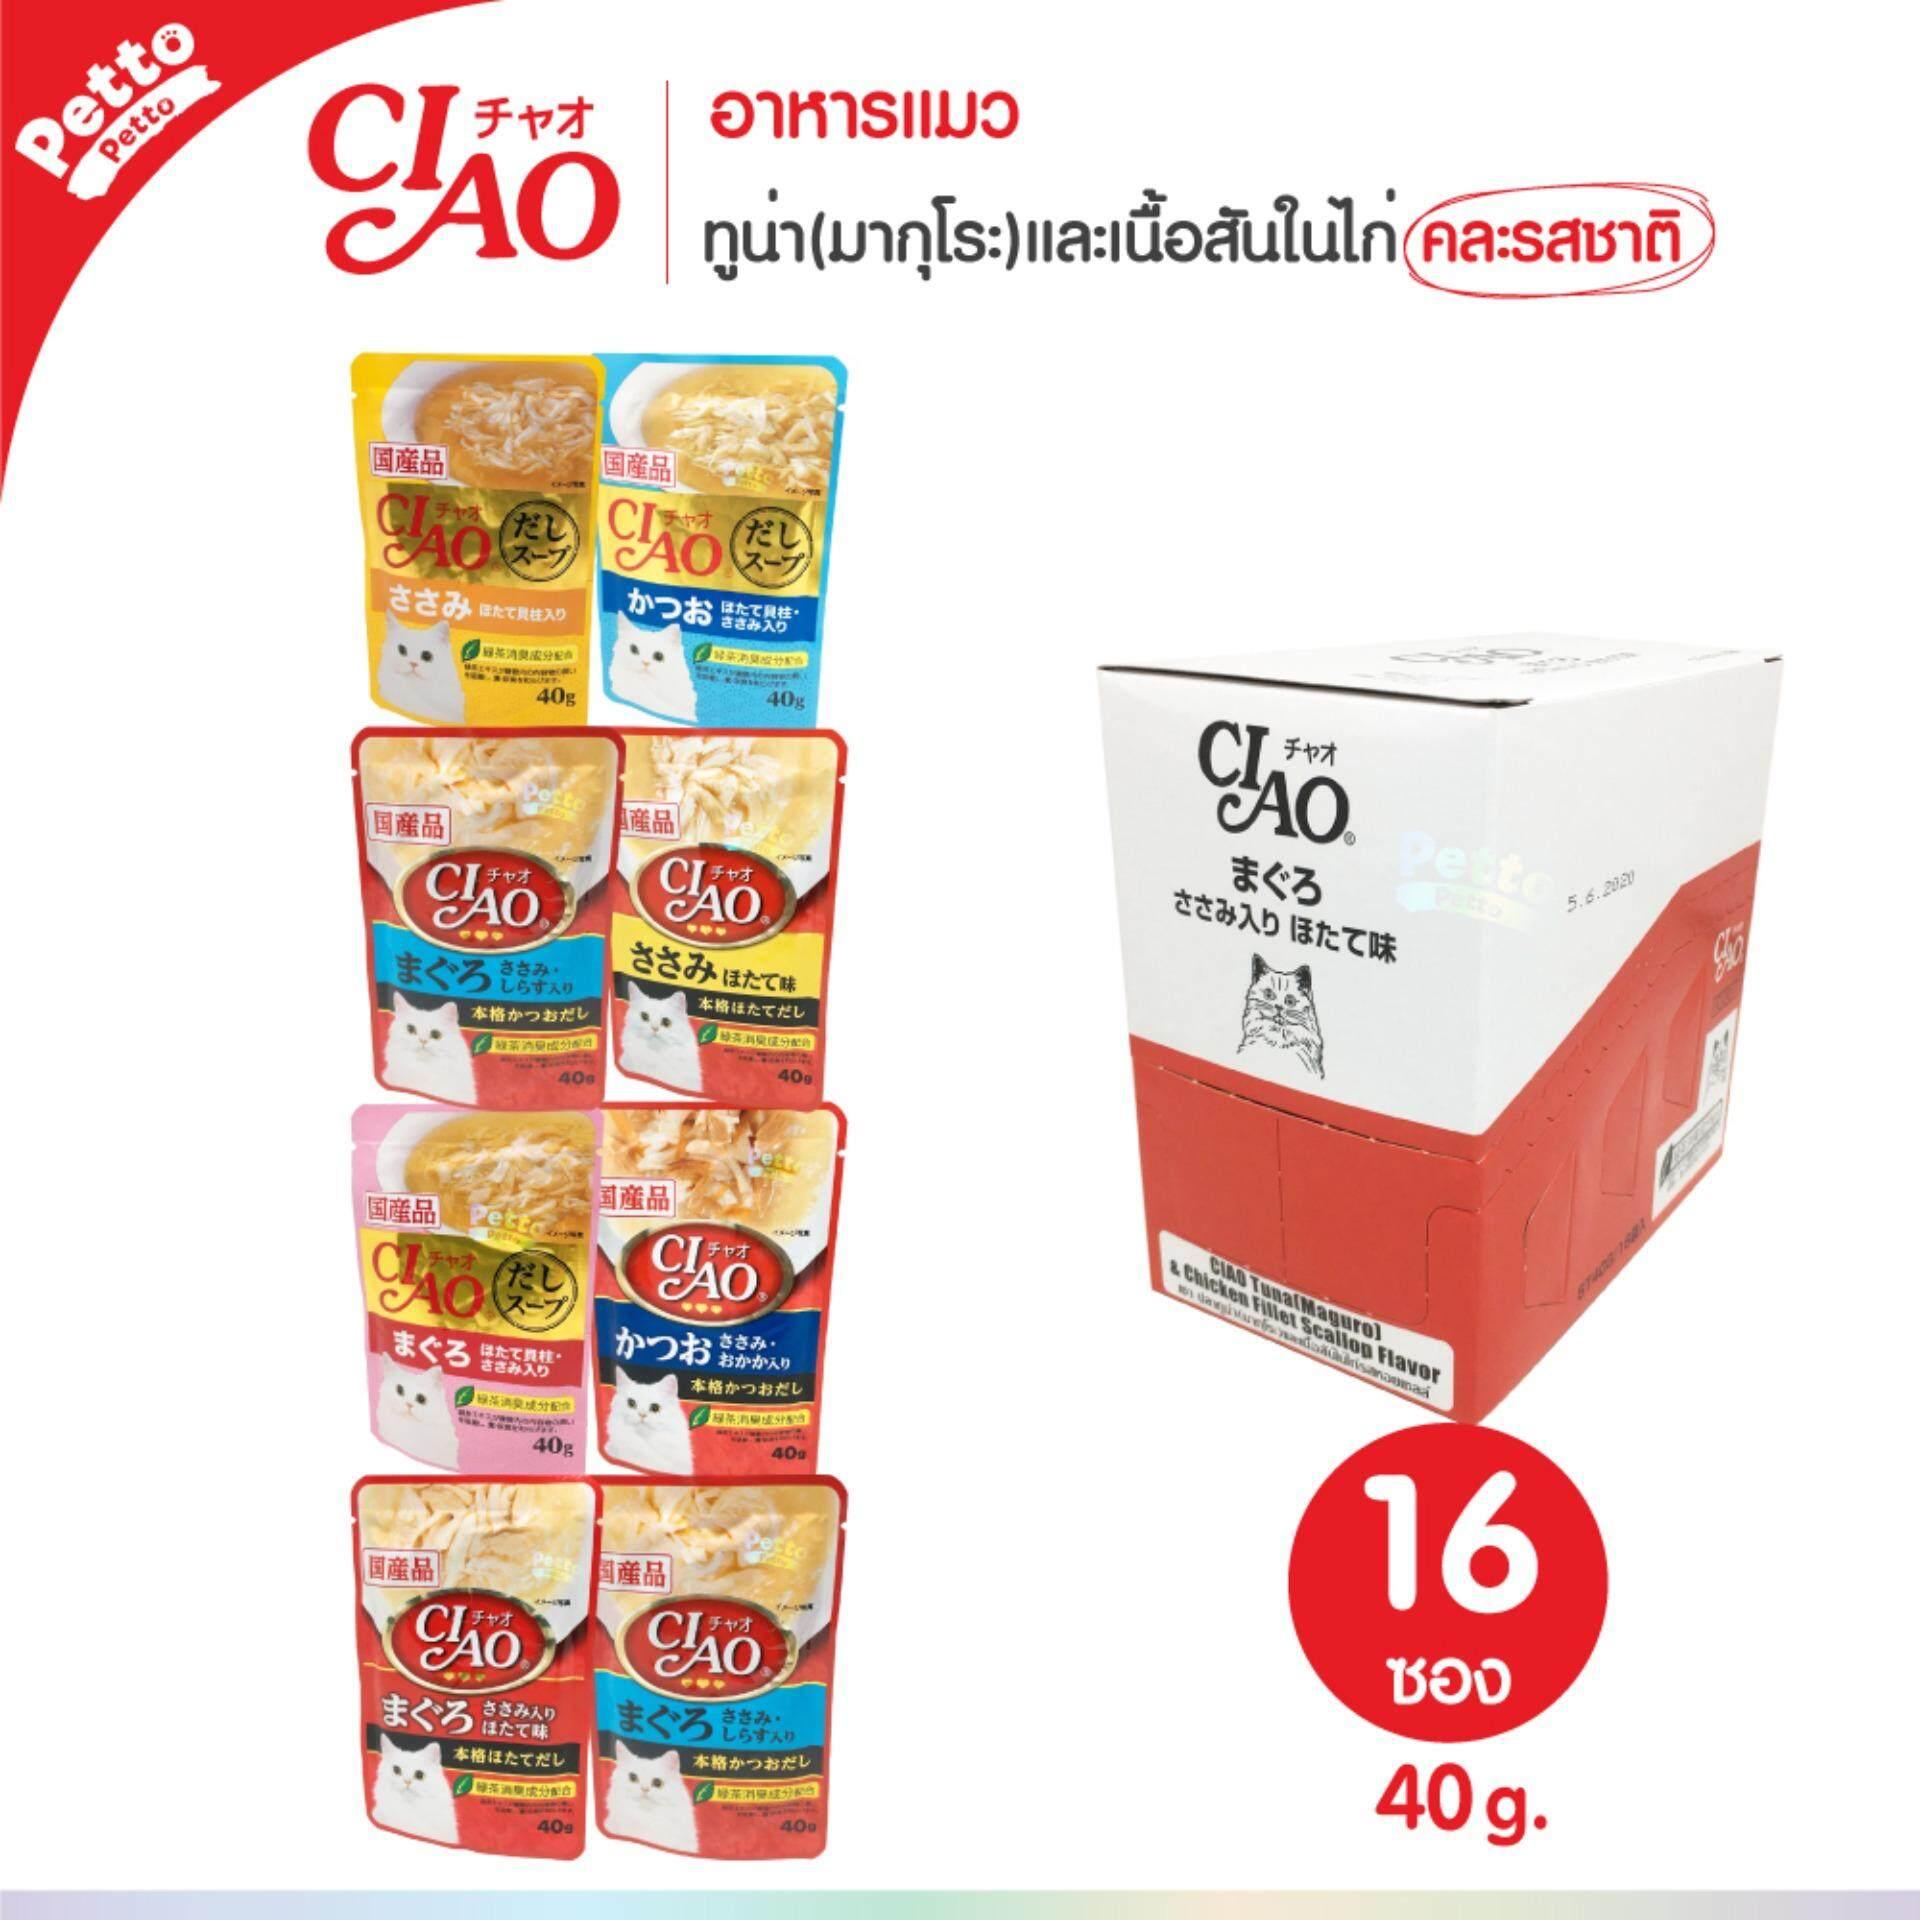 Ciao Pouch อาหารแมว คละรสชาติ รวมรสทูน่าและสันในไก่ (IC) 40 กรัม - 16 ชิ้น